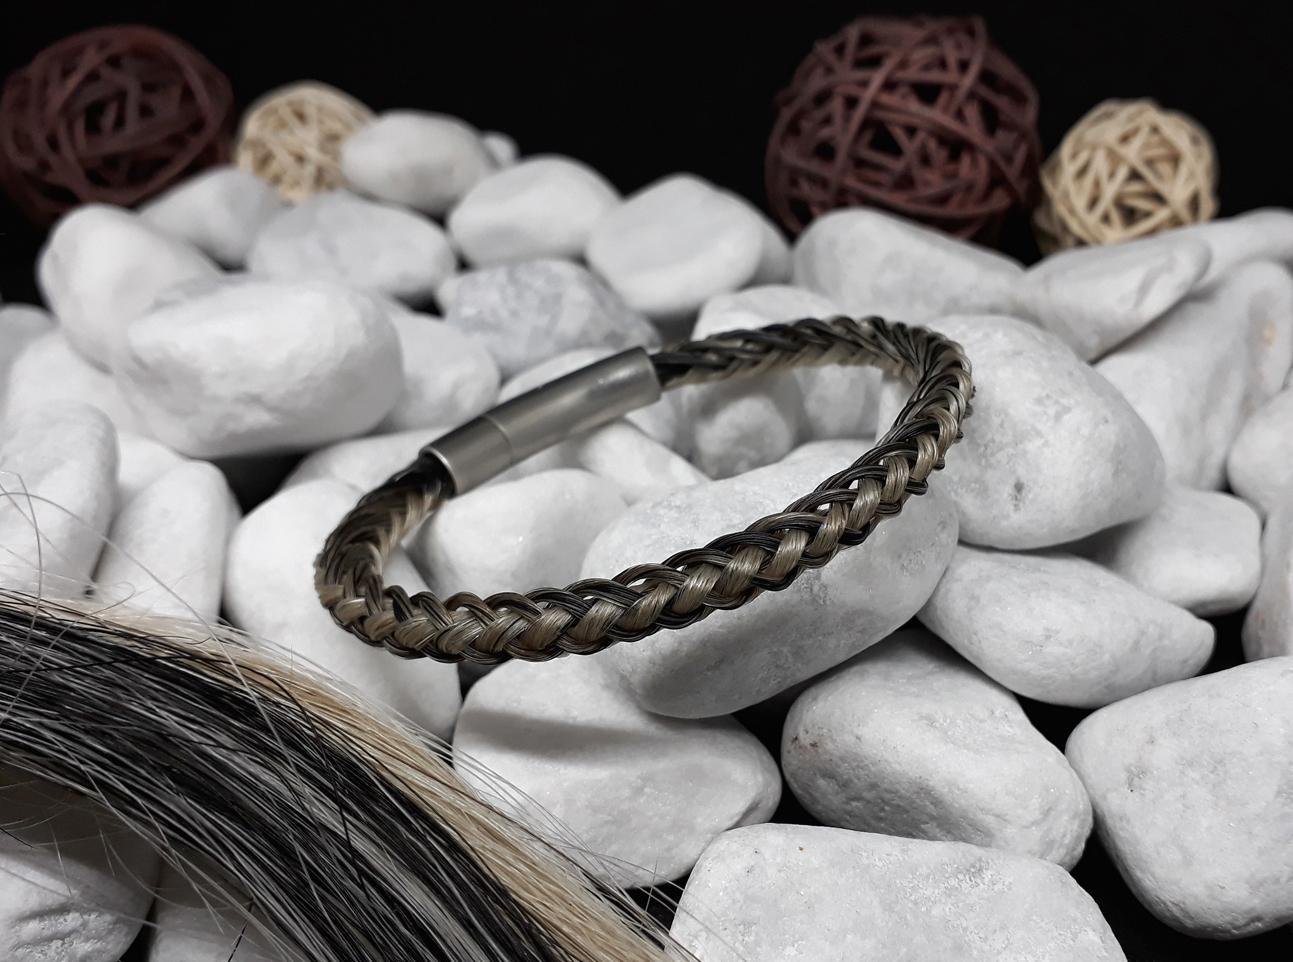 R8-längsstreifen: Rund geflochtenes Pferdehaar-Armband aus 4 weißen und 4 grauen Strängen, mit Edelstahl-Hebeldruckverschluss in matt - Preis: 54 Euro